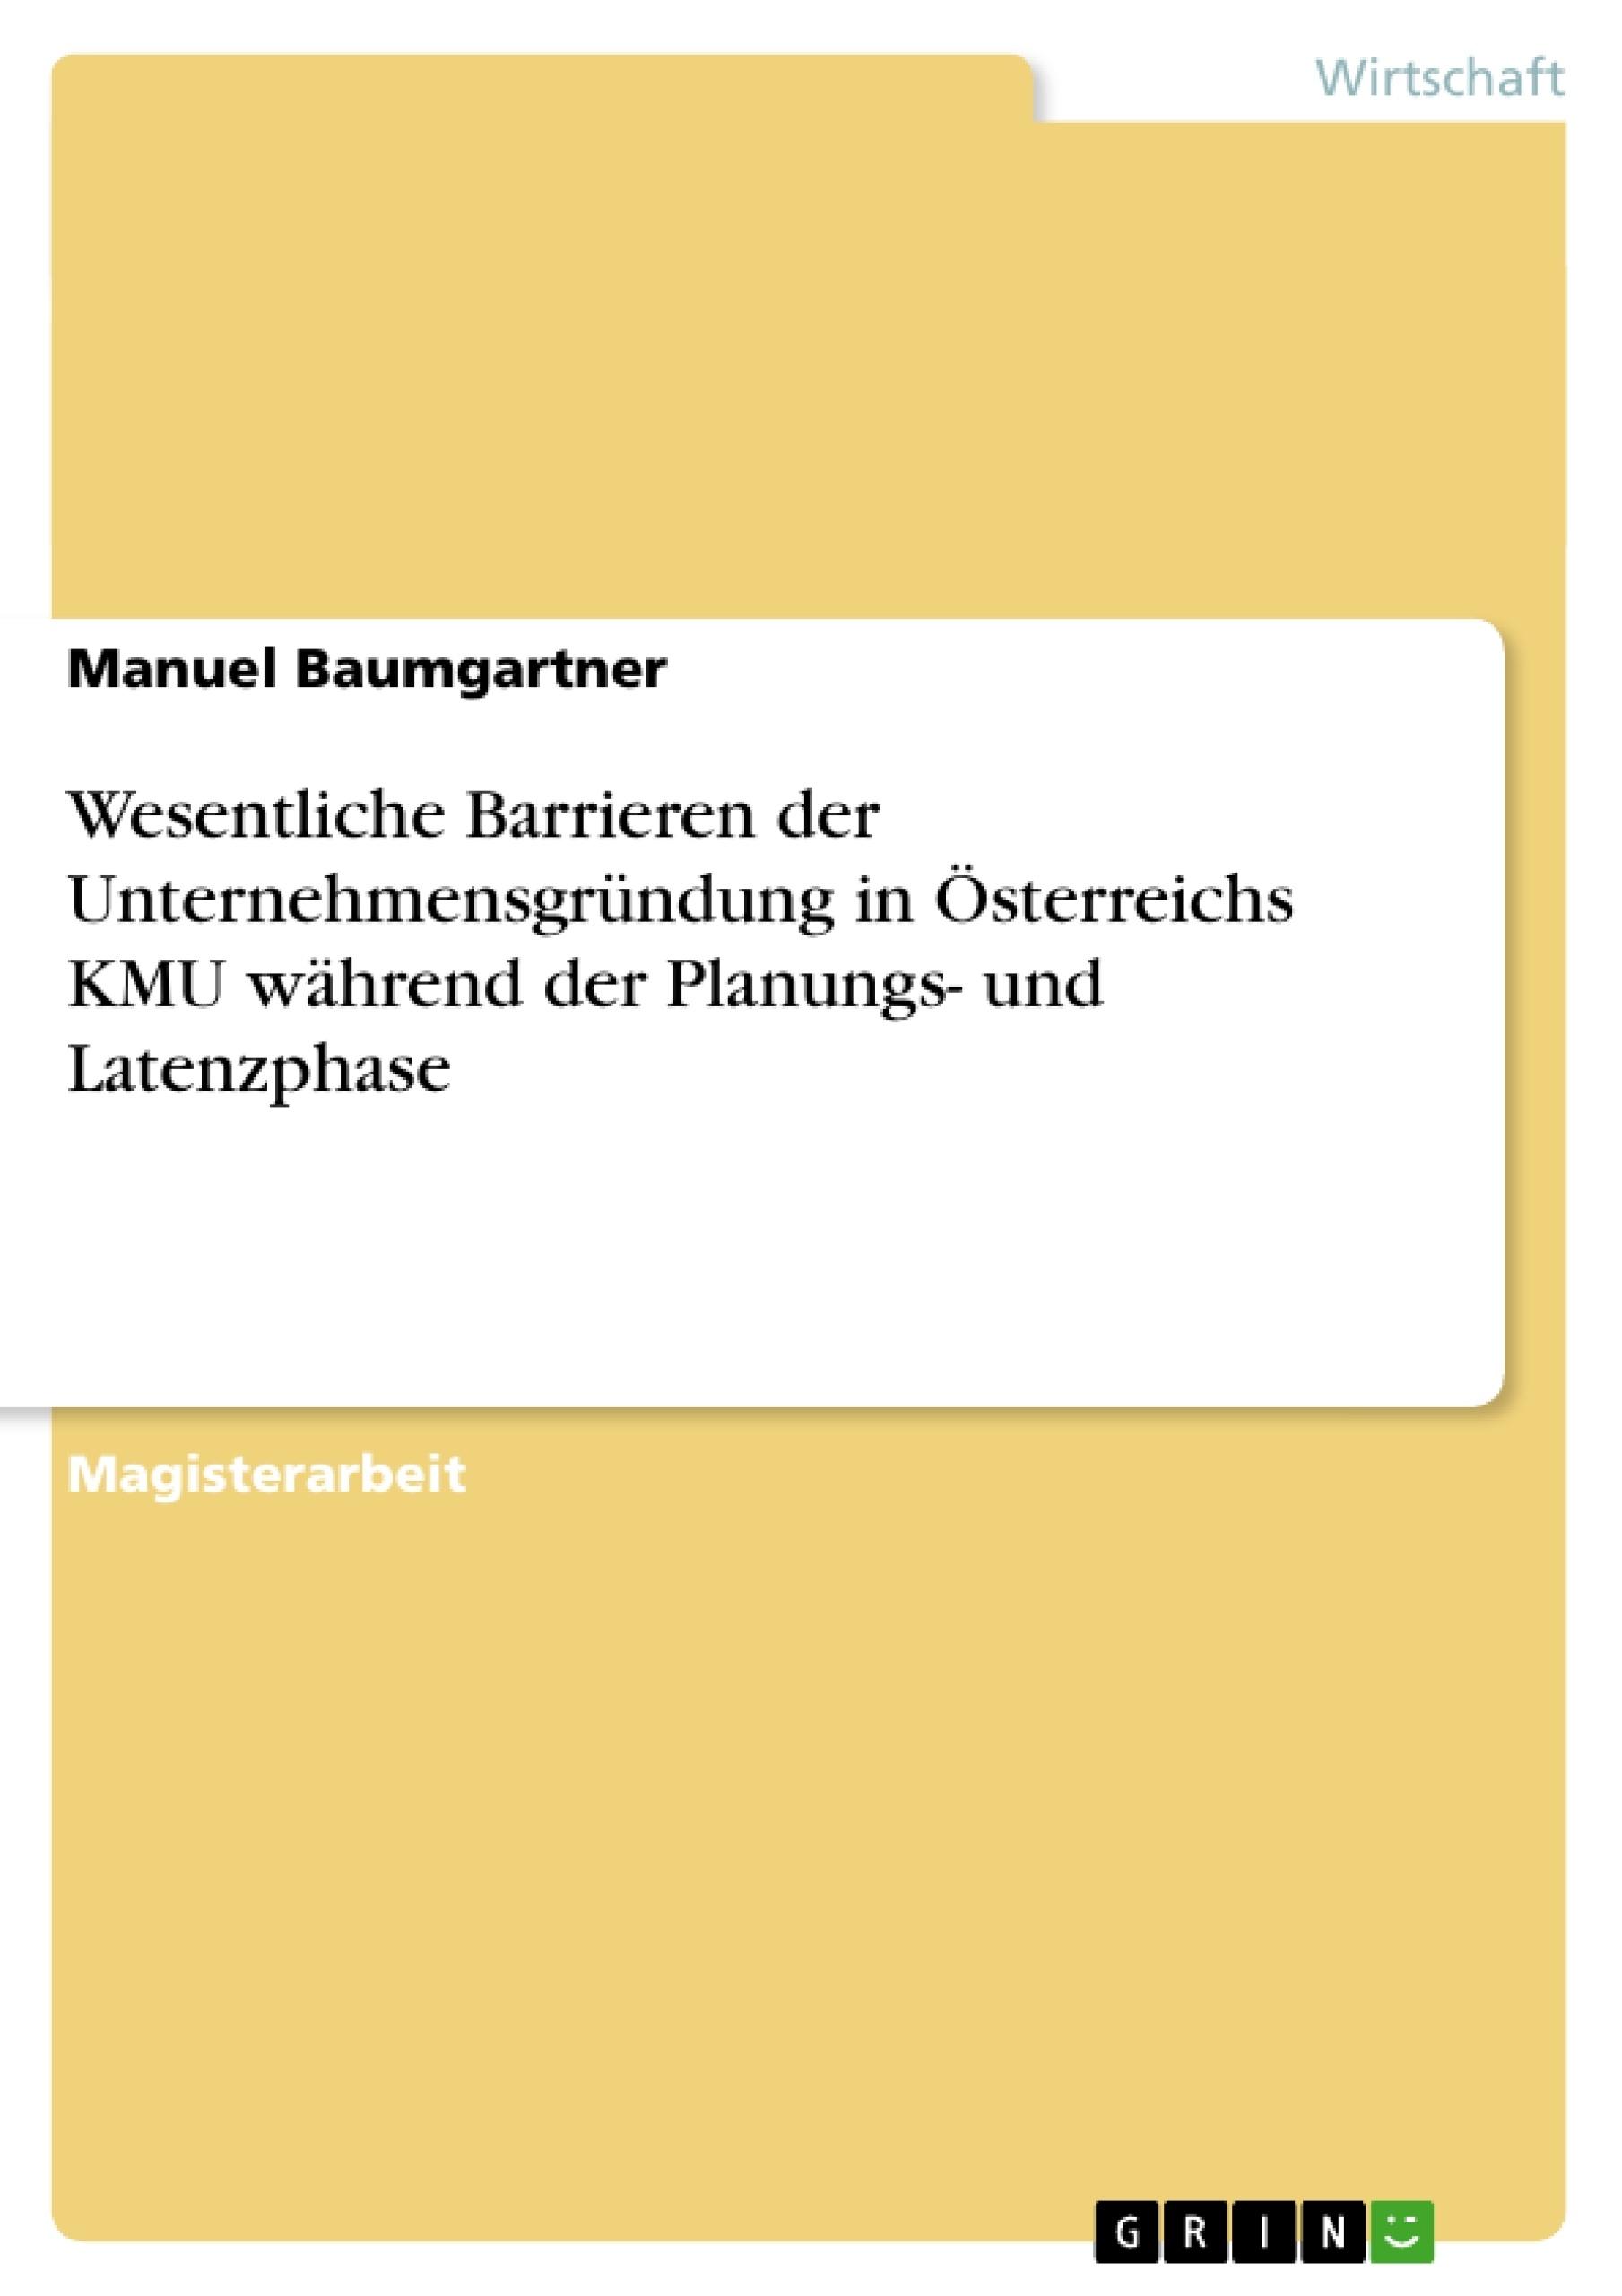 Titel: Wesentliche Barrieren der Unternehmensgründung in Österreichs KMU während der Planungs- und Latenzphase